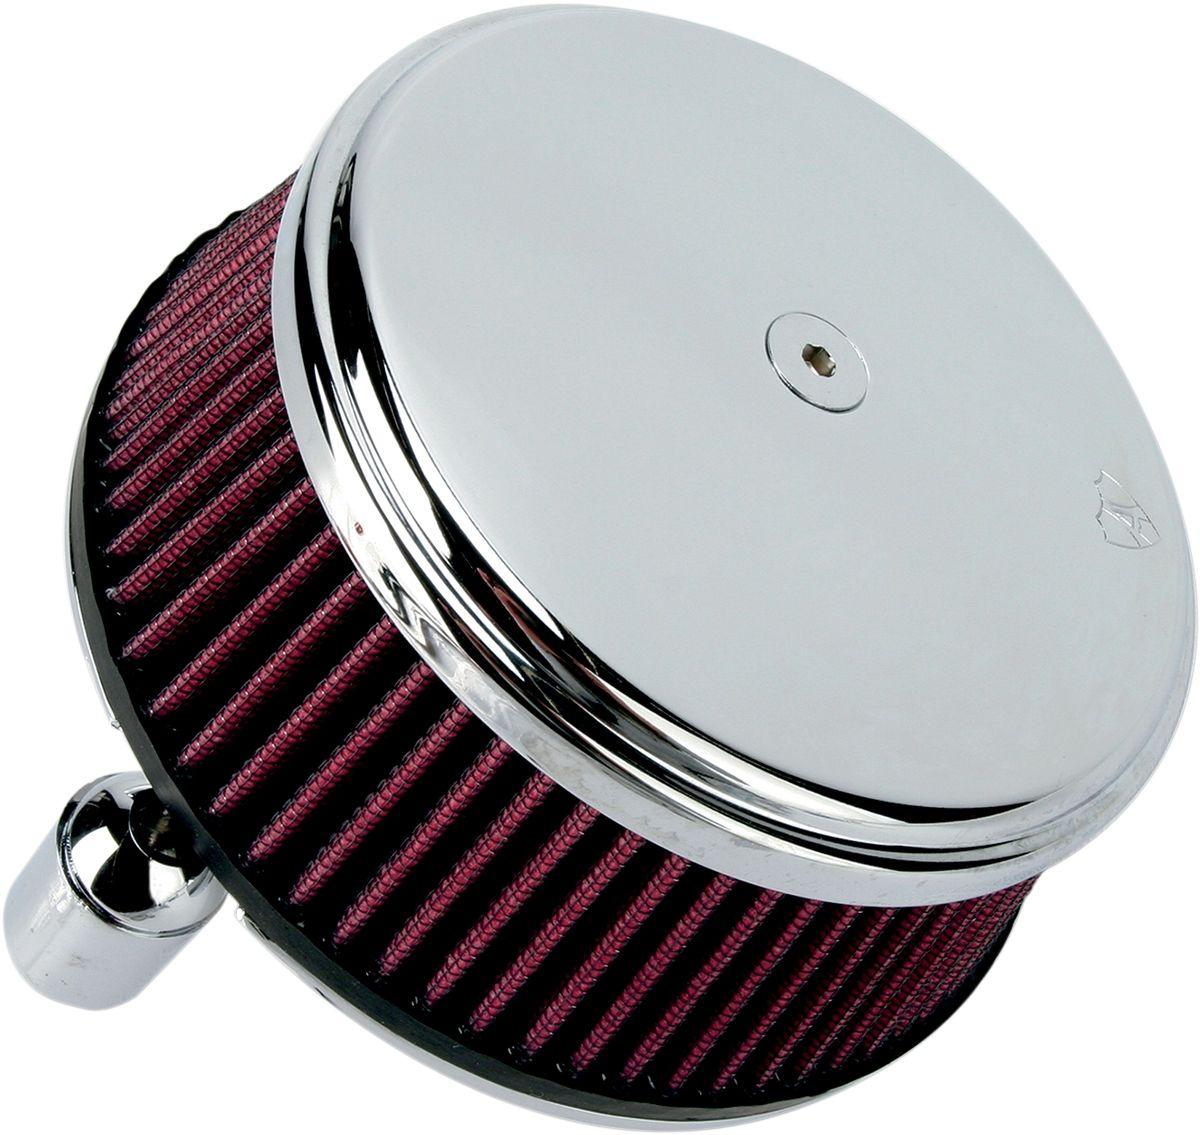 【ARLEN NESS】空氣濾清器總成  空氣濾清器總成1 CVR 91-16 XL - 「Webike-摩托百貨」